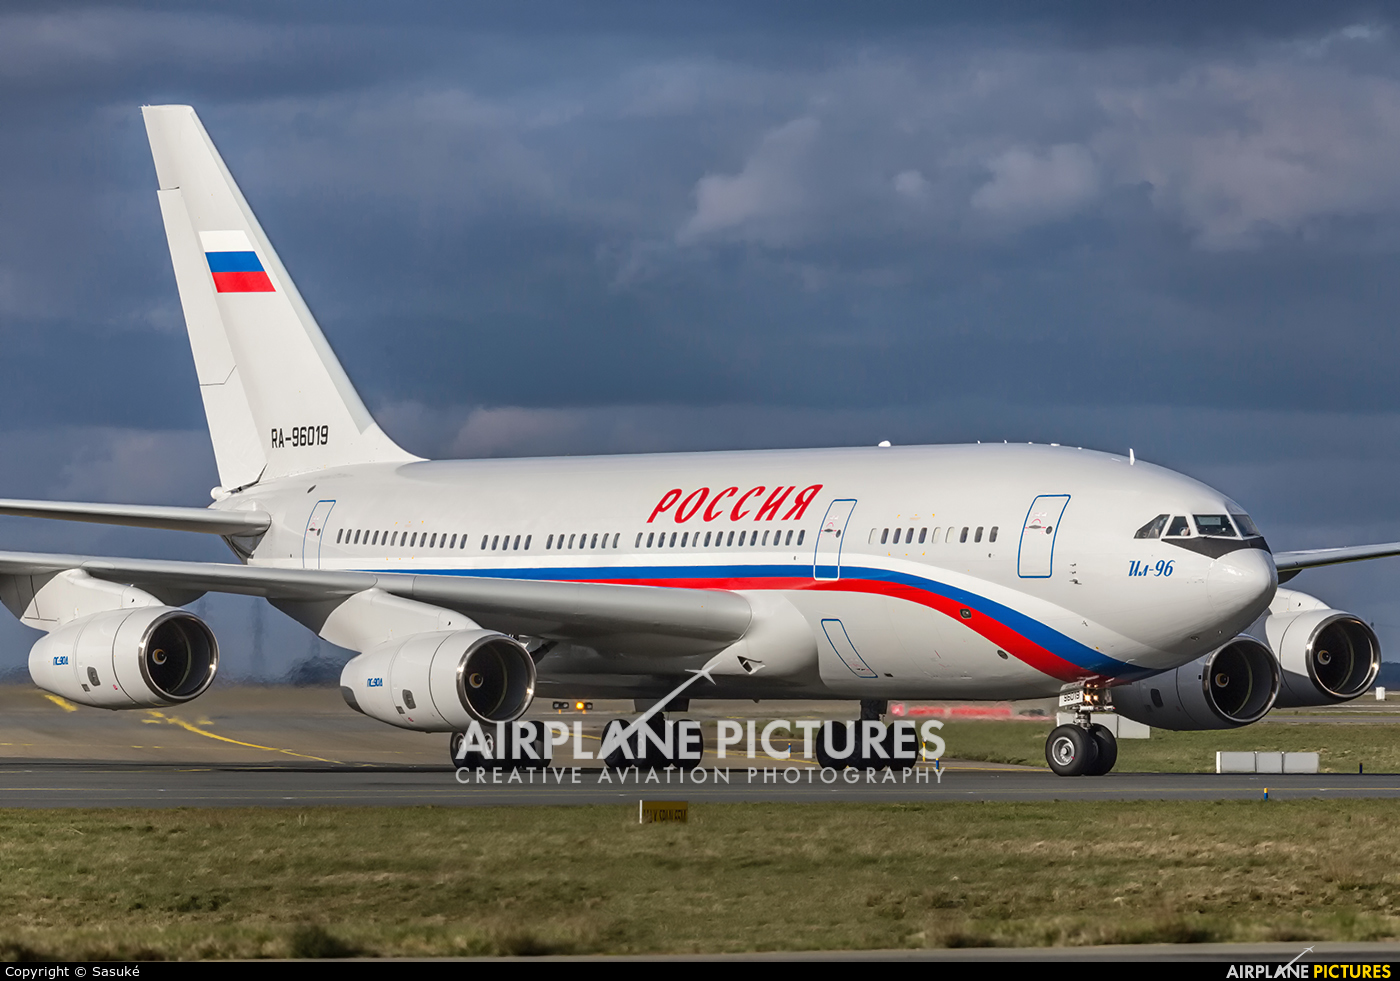 Rossiya RA-96019 aircraft at Paris - Charles de Gaulle